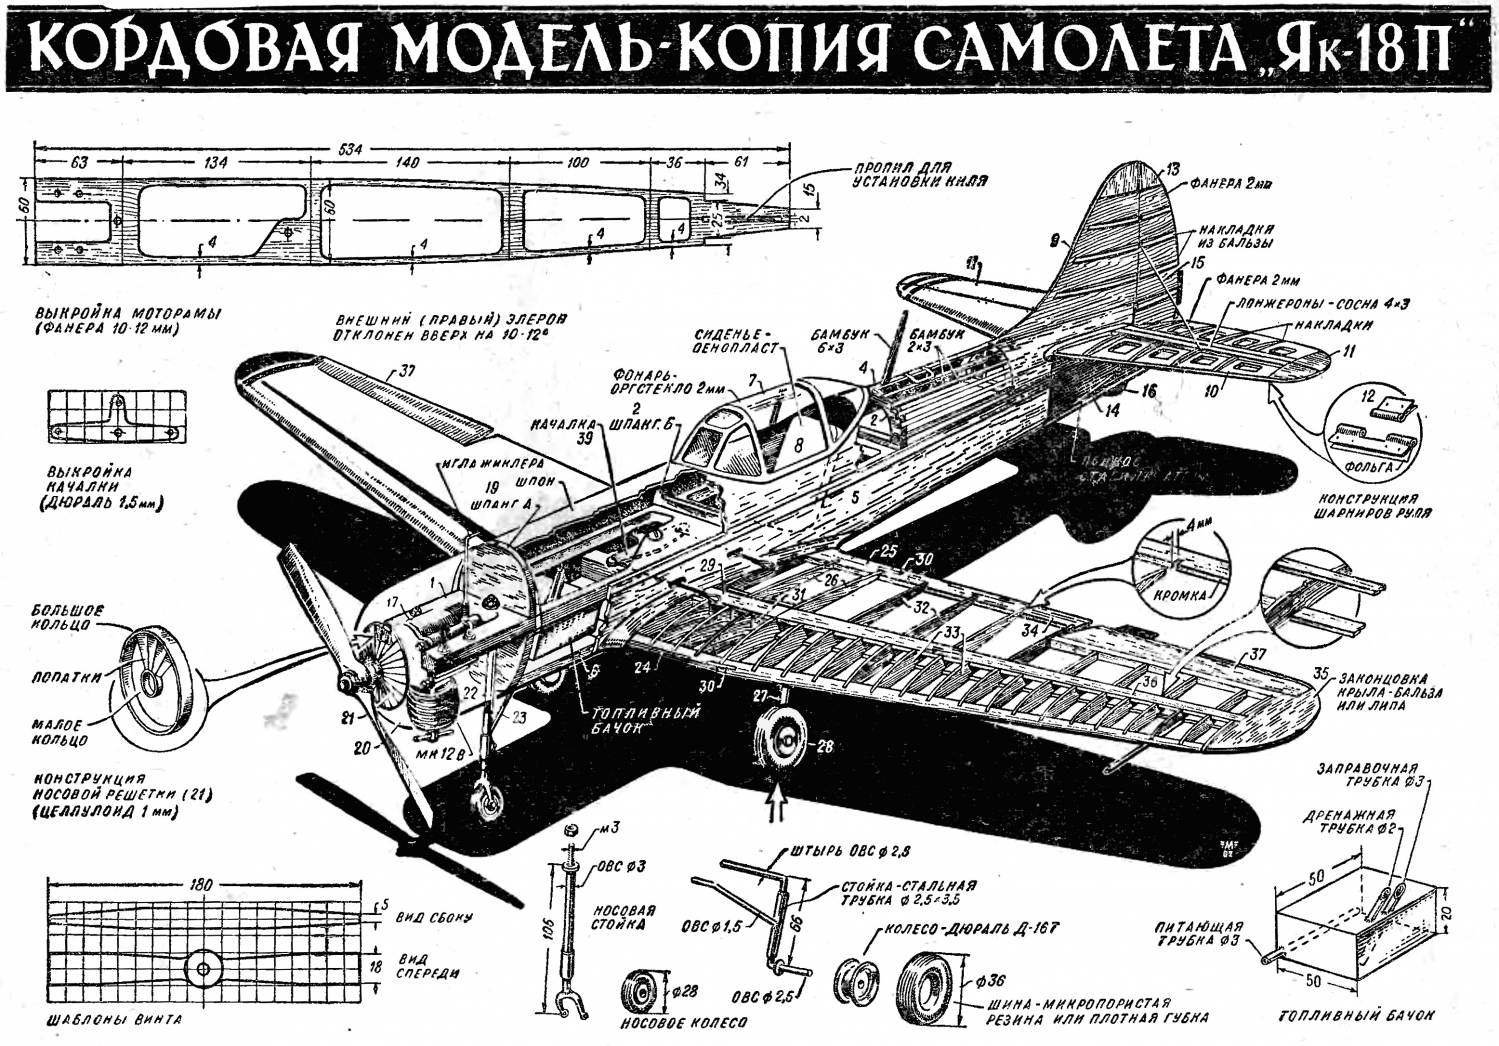 Чертежи модели самолетов своими руками